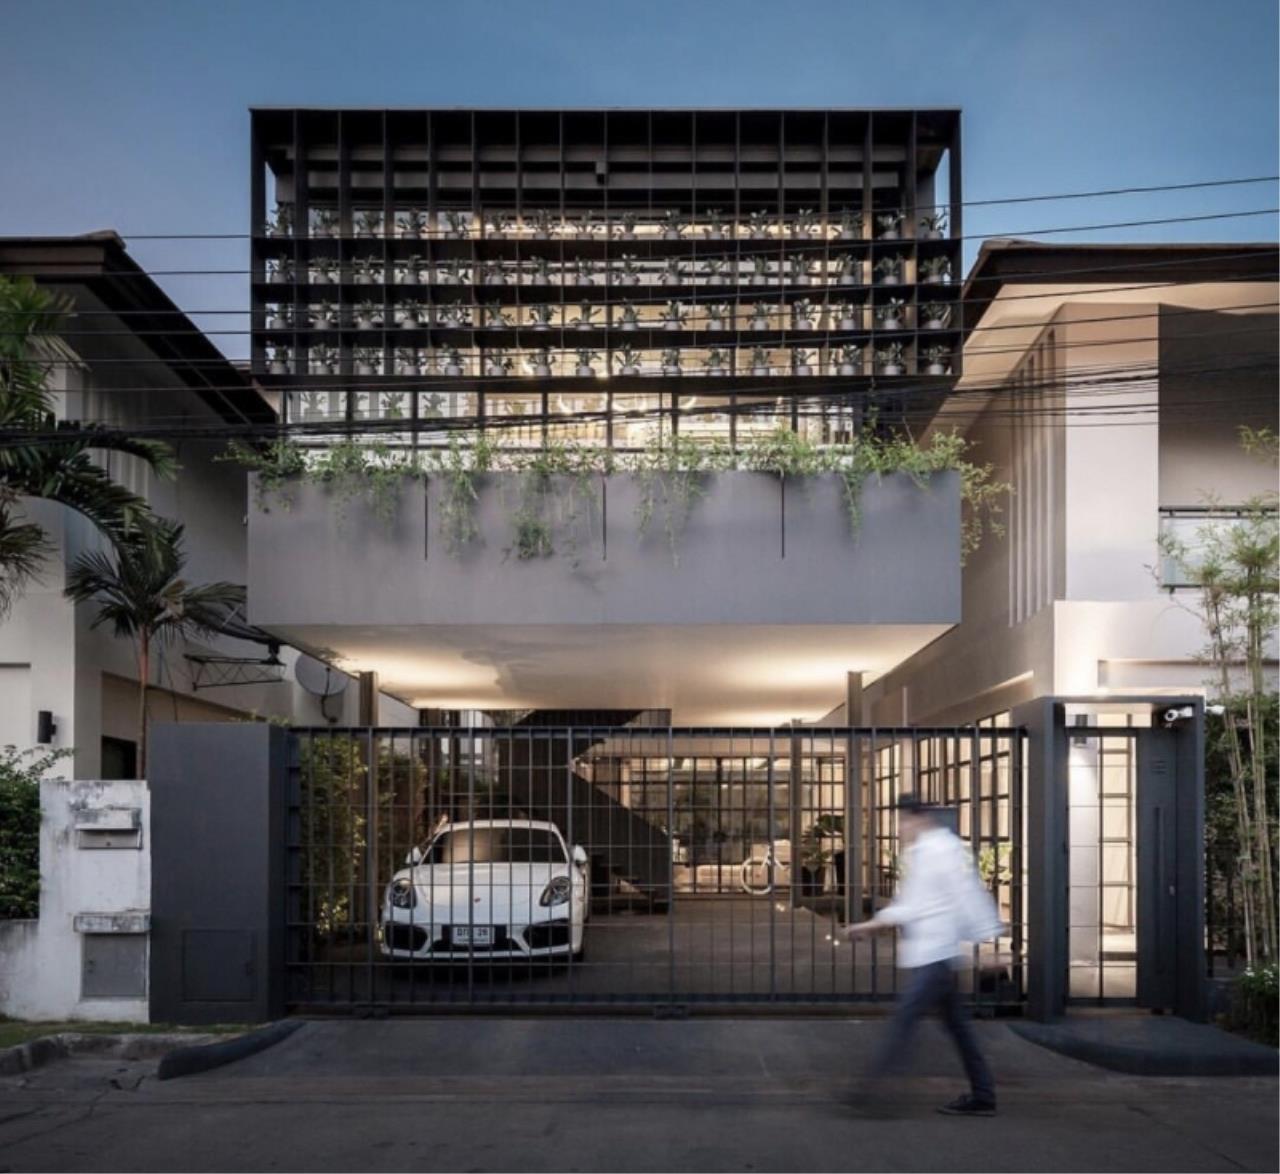 ขาย บ้าน แขวงลาดพร้าว เขตลาดพร้าว กรุงเทพมหานคร, ภาพที่ 1